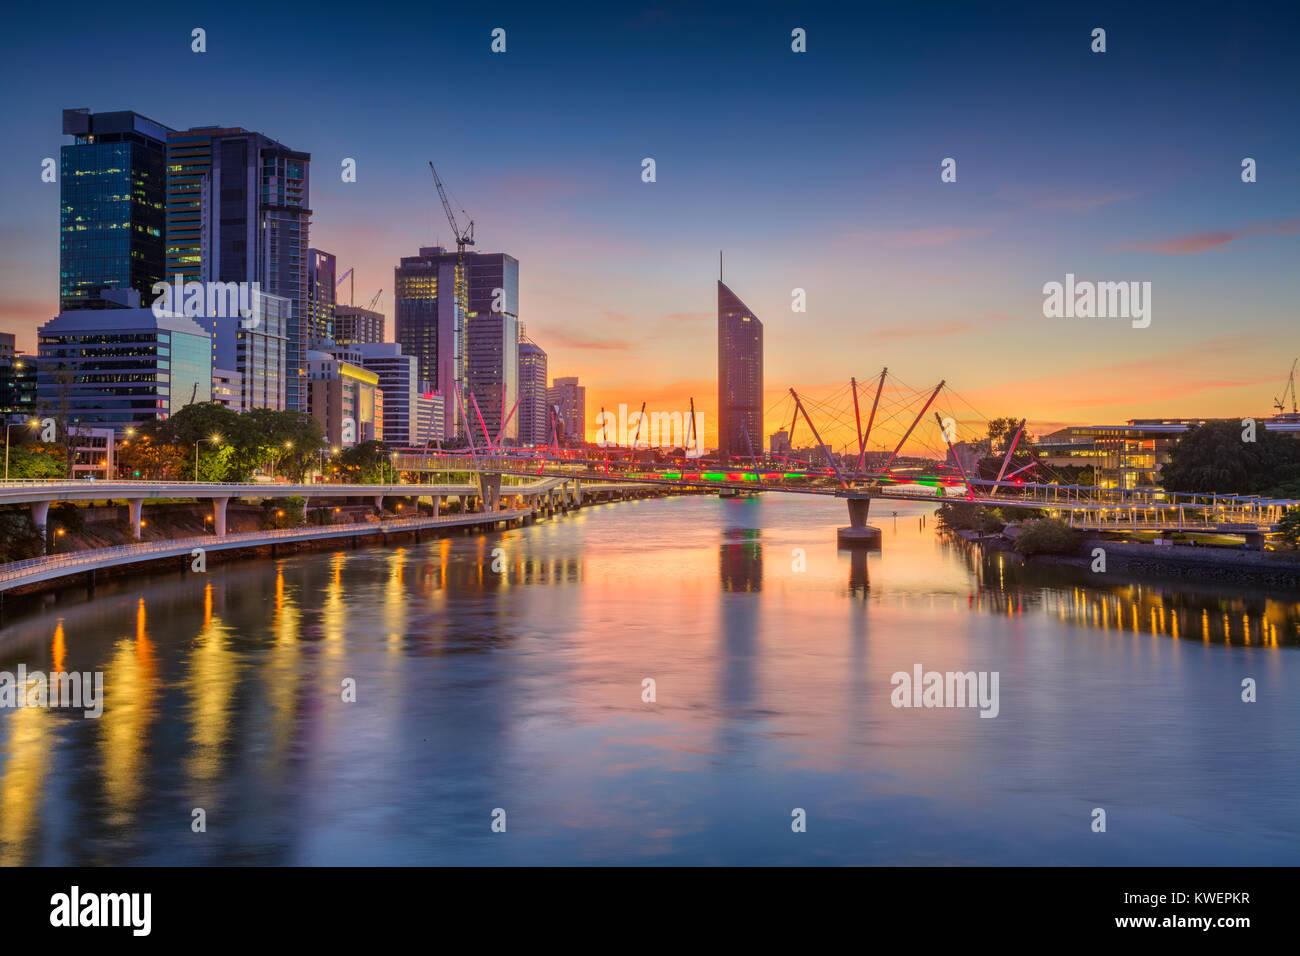 Brisbane. Cityscape image of Brisbane skyline, Australia during dramatic sunrise. - Stock Image